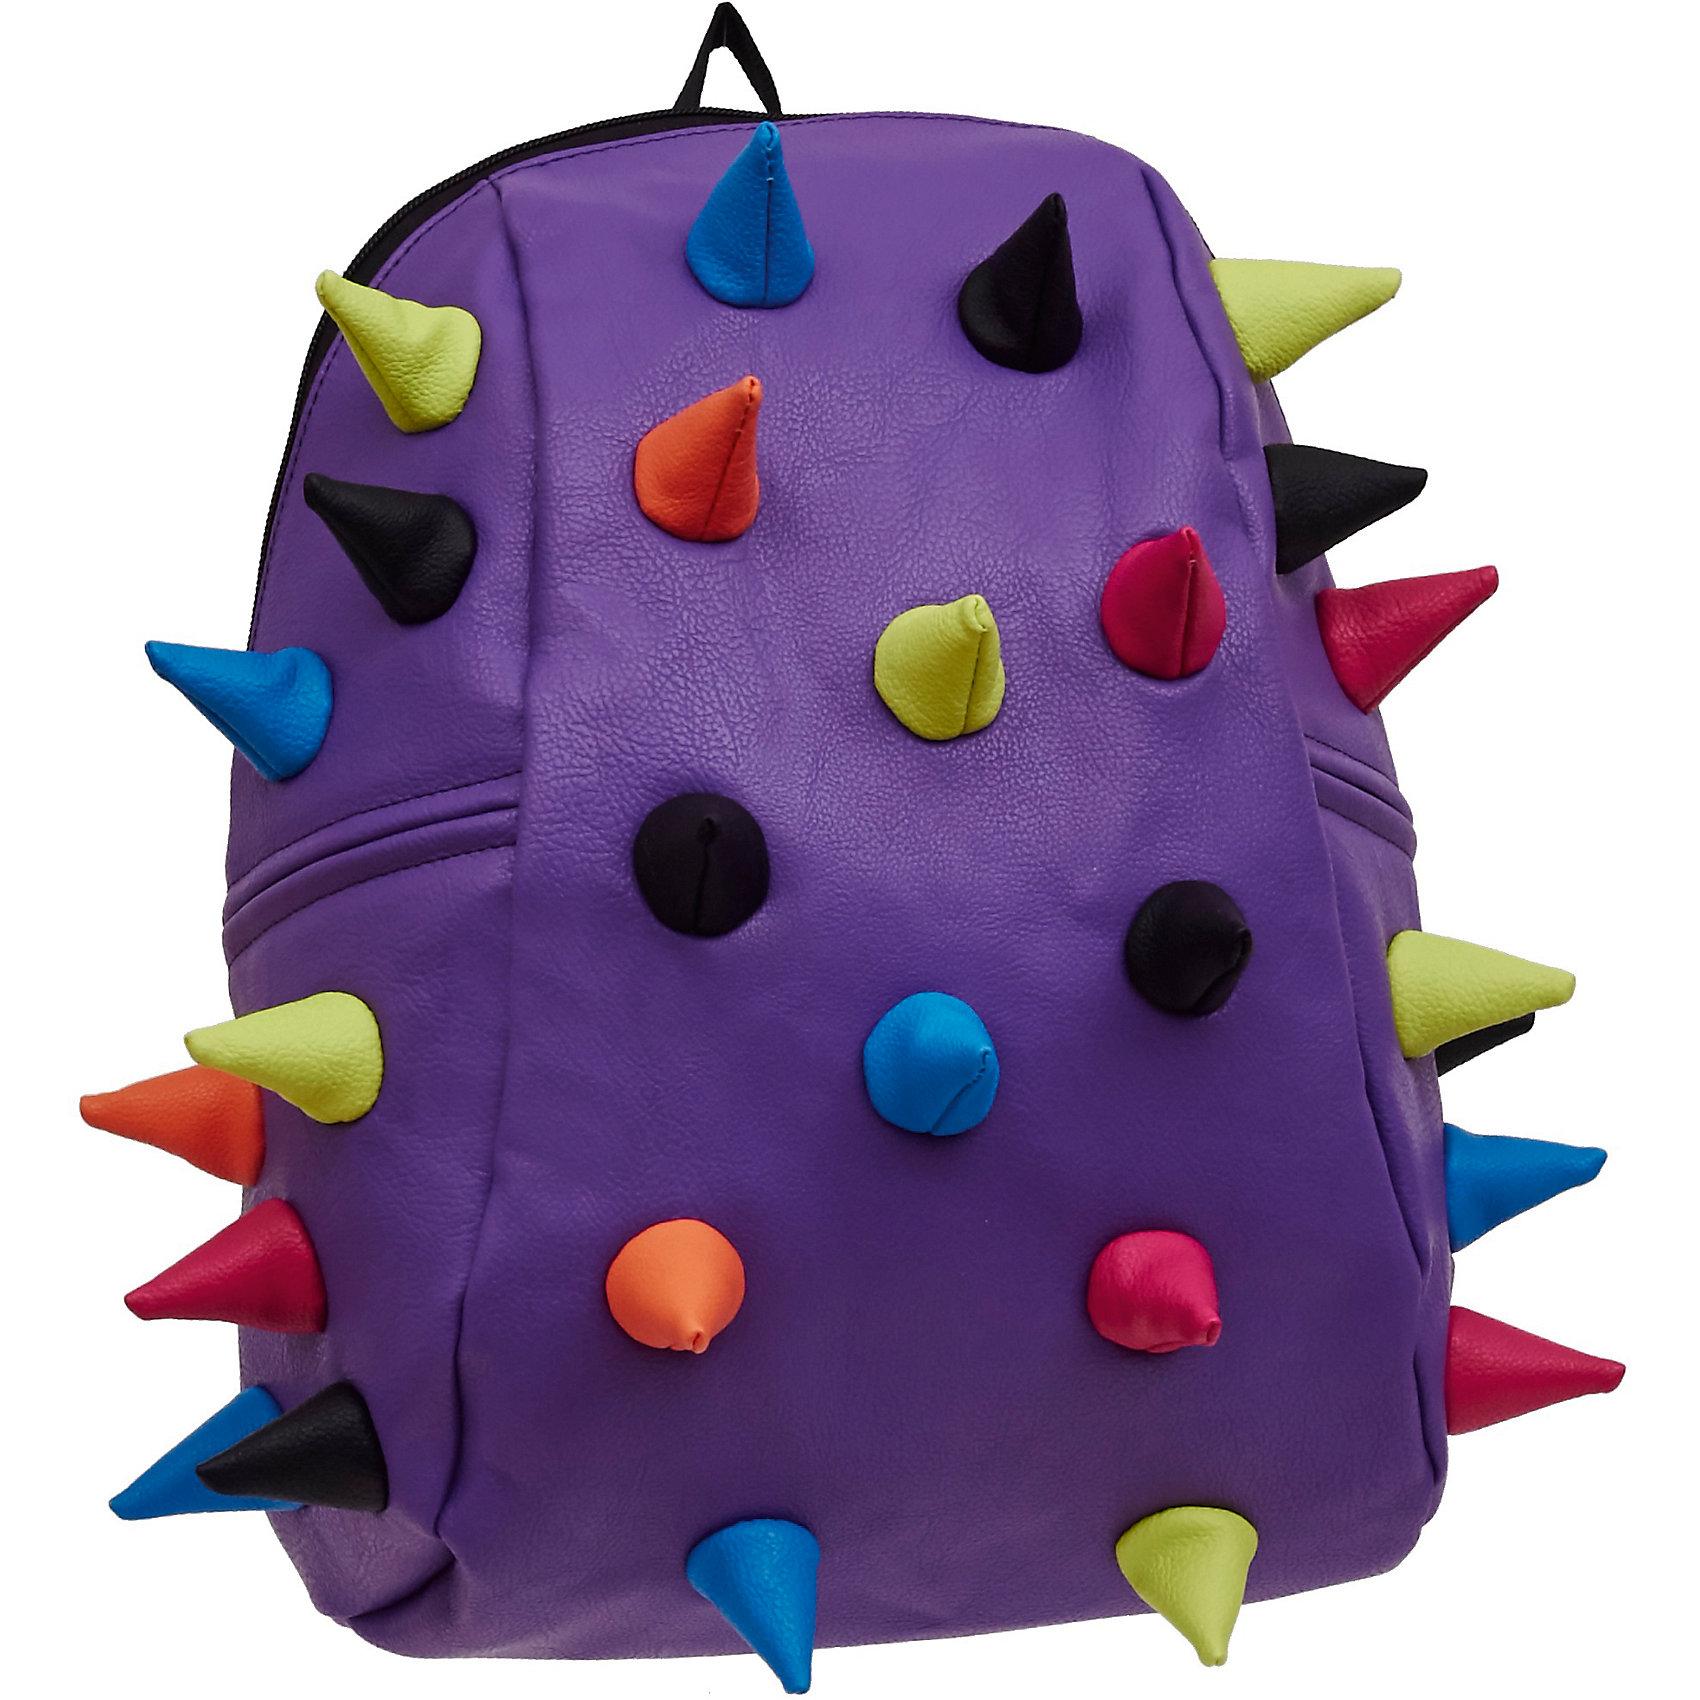 Рюкзак Rex 2 Half , цвет сиреневый мультиЛегкий и вместительный рюкзак с одним основным отделением с застежкой на молниии. В основное отделение с легкостью входит ноутбук  размером диагонали 13 дюймов, iPad и формат А4. Незаменимый аксессуар как для активного городского жителя, так и для школьников и студентов. Широкие лямки можно регулировать для наиболее удобной посадки, а мягкая ортопедическая спинка делает ношение наиболее удобным и комфортным.<br><br>Ширина мм: 36<br>Глубина мм: 31<br>Высота мм: 15<br>Вес г: 600<br>Возраст от месяцев: 84<br>Возраст до месяцев: 420<br>Пол: Унисекс<br>Возраст: Детский<br>SKU: 5344328